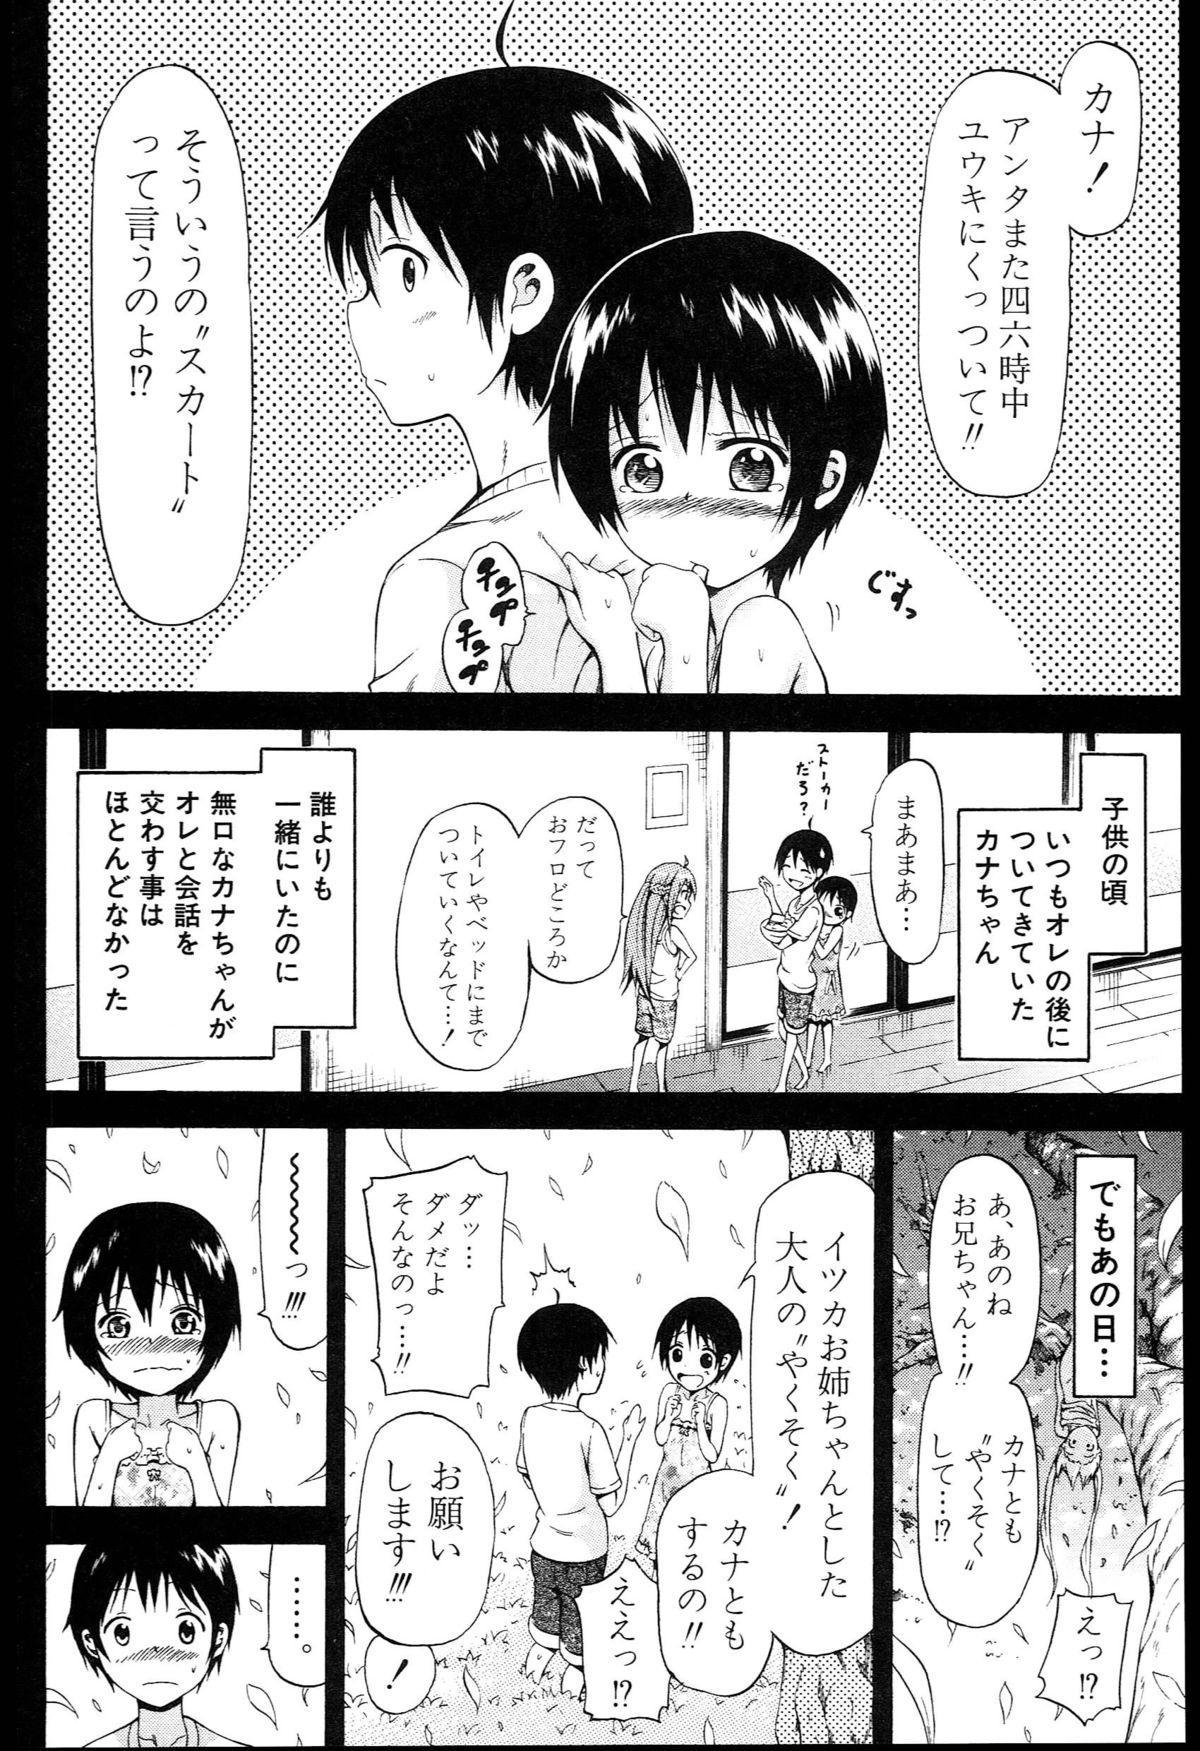 Natsumitsu x Harem + Melonbooks Gentei Shousasshi 115